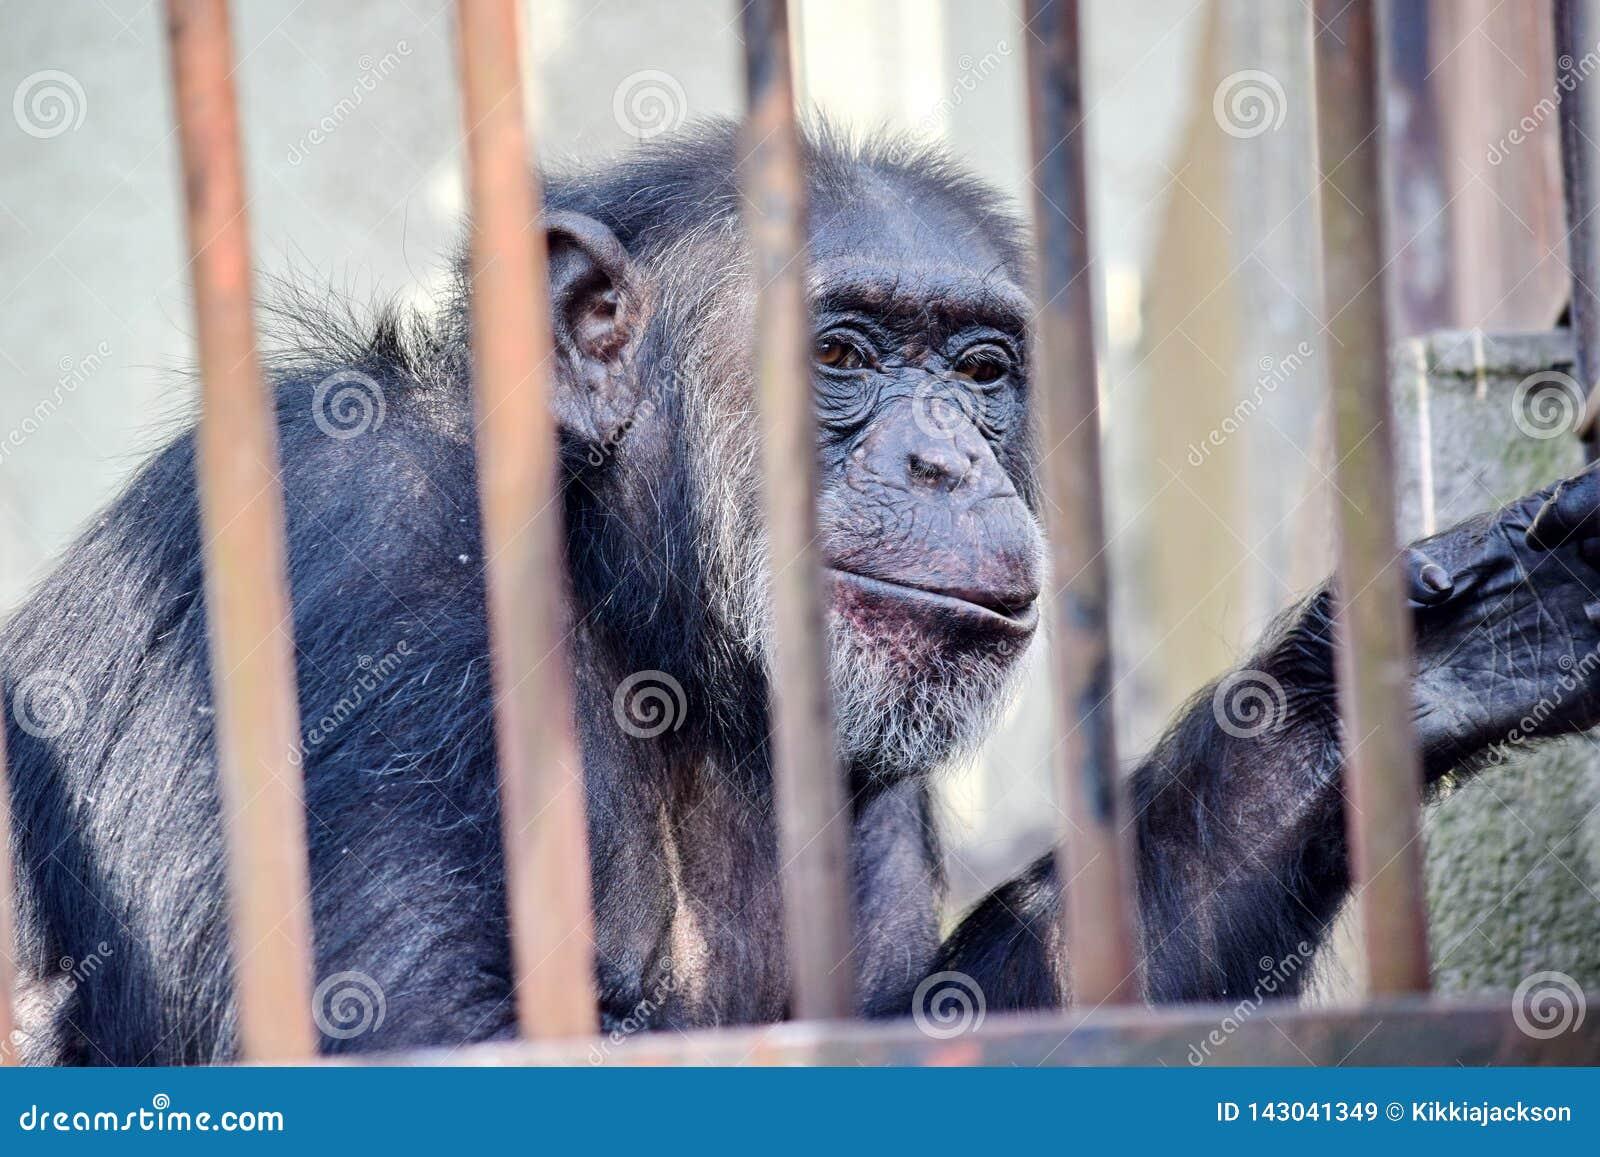 Schimpans bak stängerna Pan Troglodytes San Monkey i zoo med inget utrymme